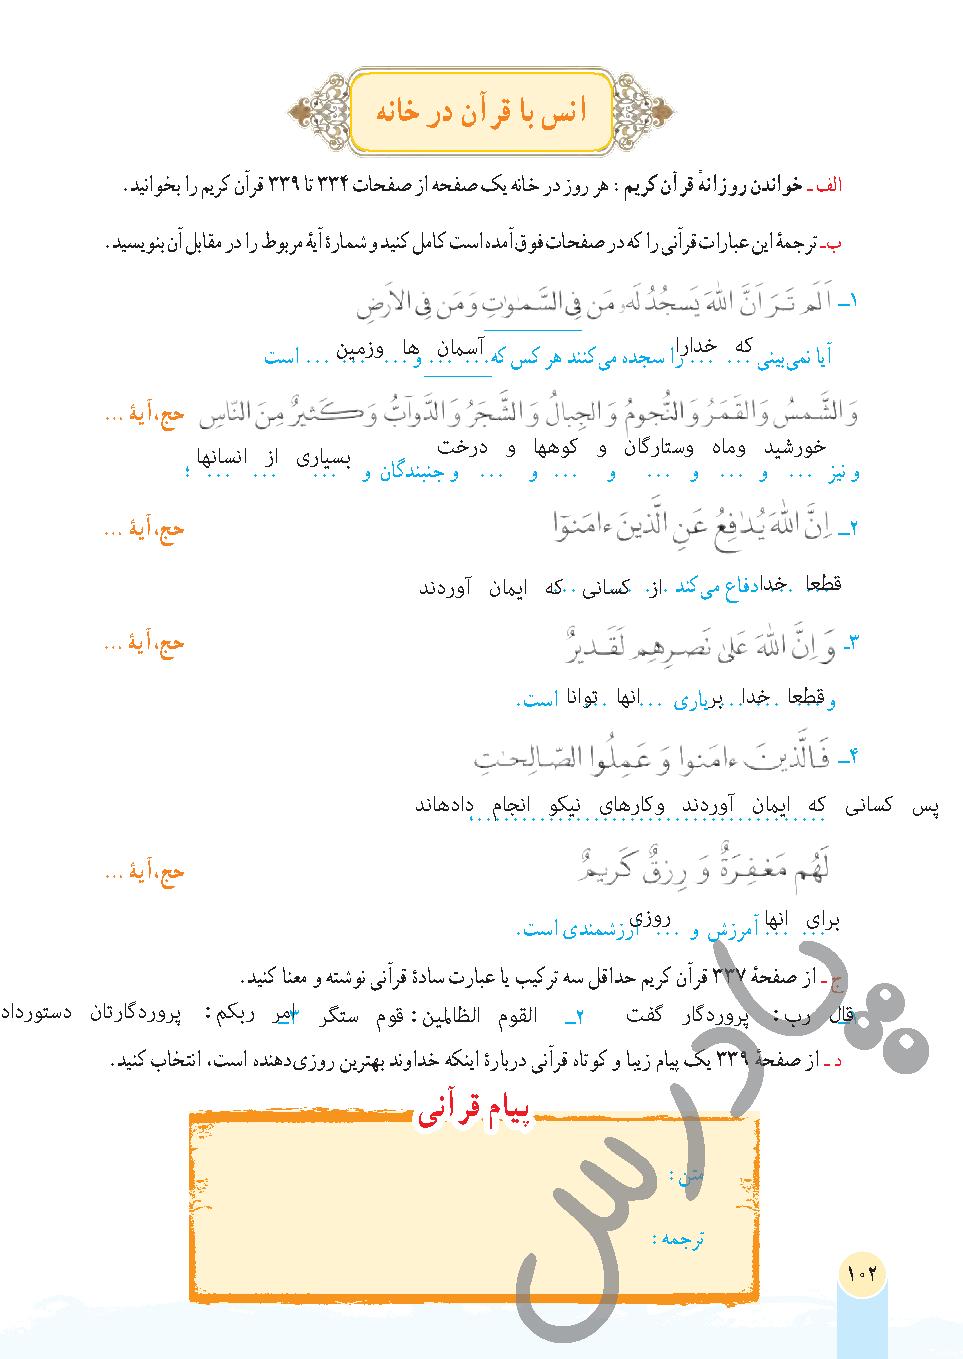 جواب انس با قرآن درس 11 قرآن هفتم - جلسه دوم